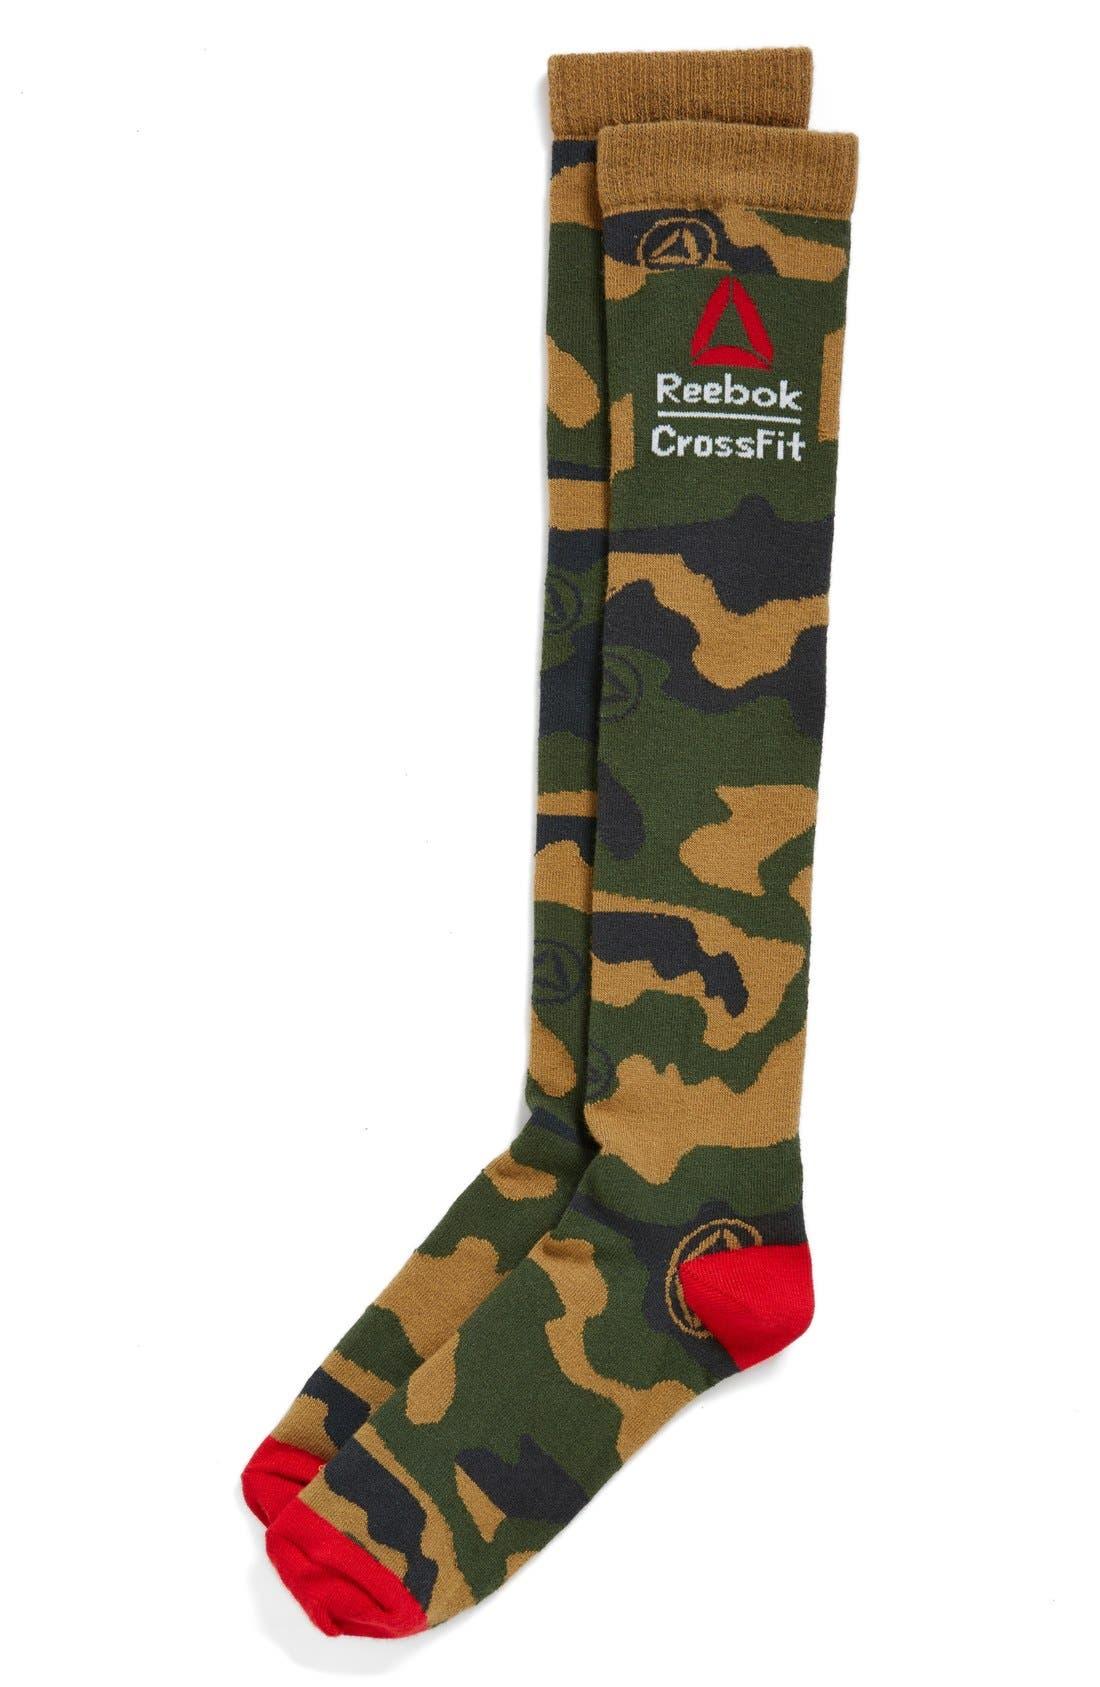 Alternate Image 1 Selected - Reebok CrossFit Camouflage Knee High Socks